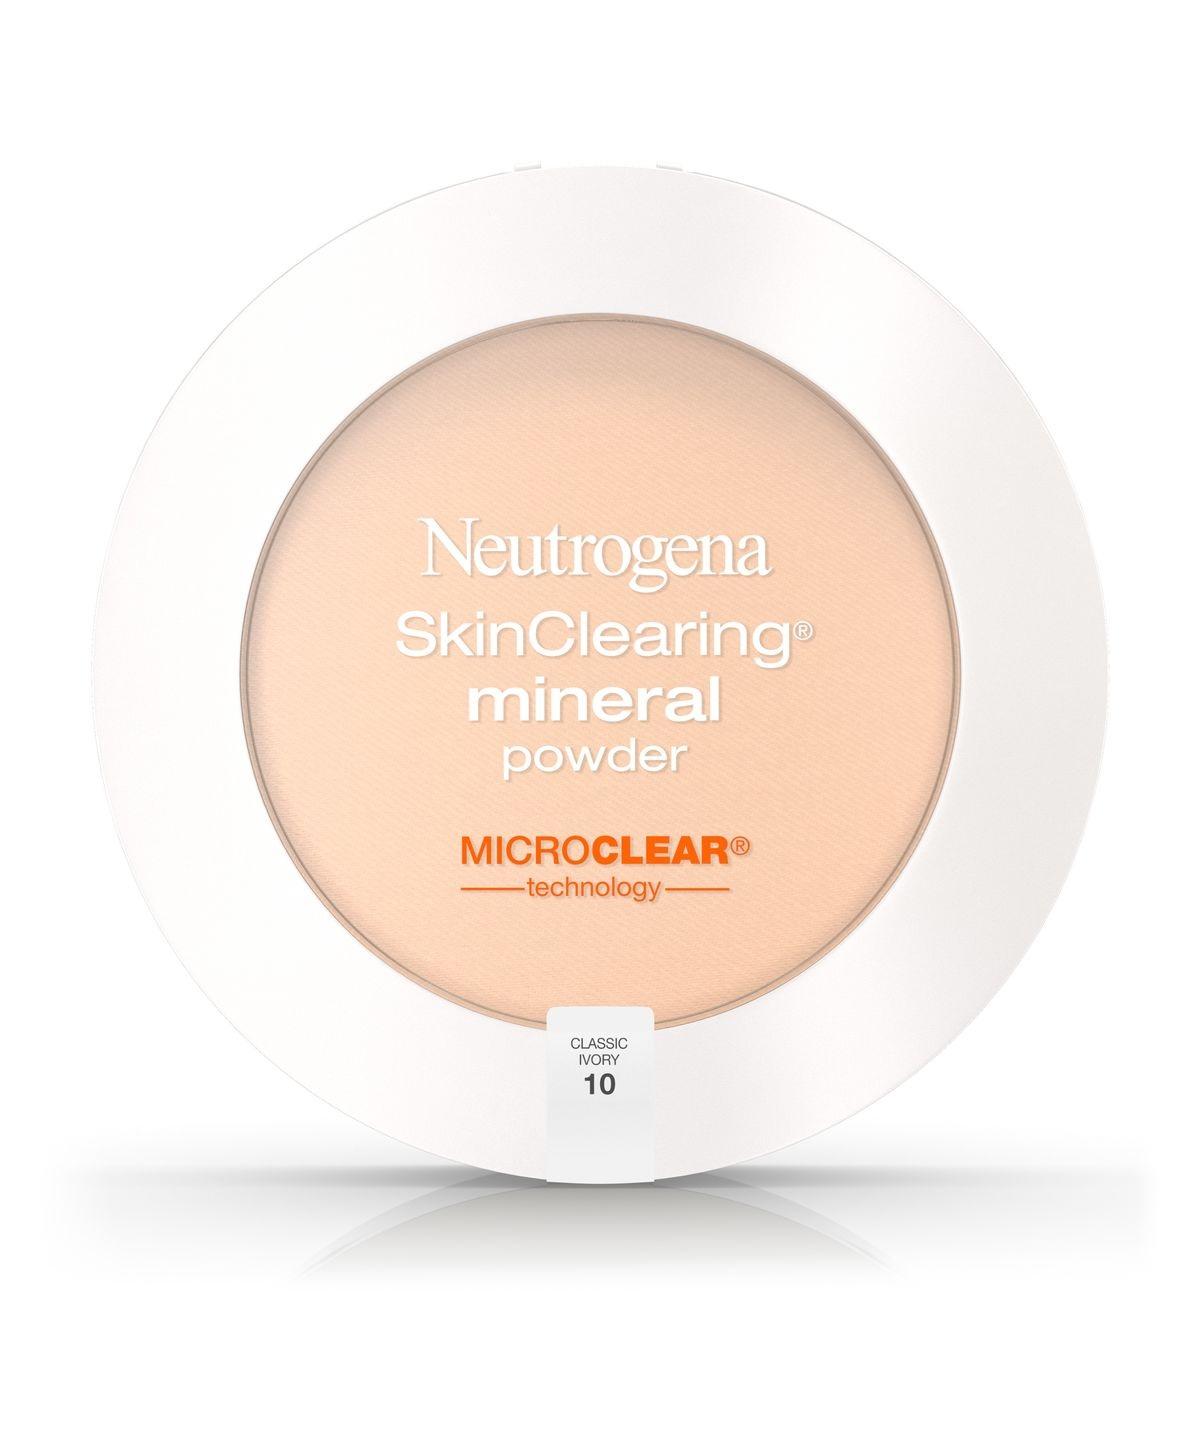 Neutrogena® SkinClearing Mineral Powder